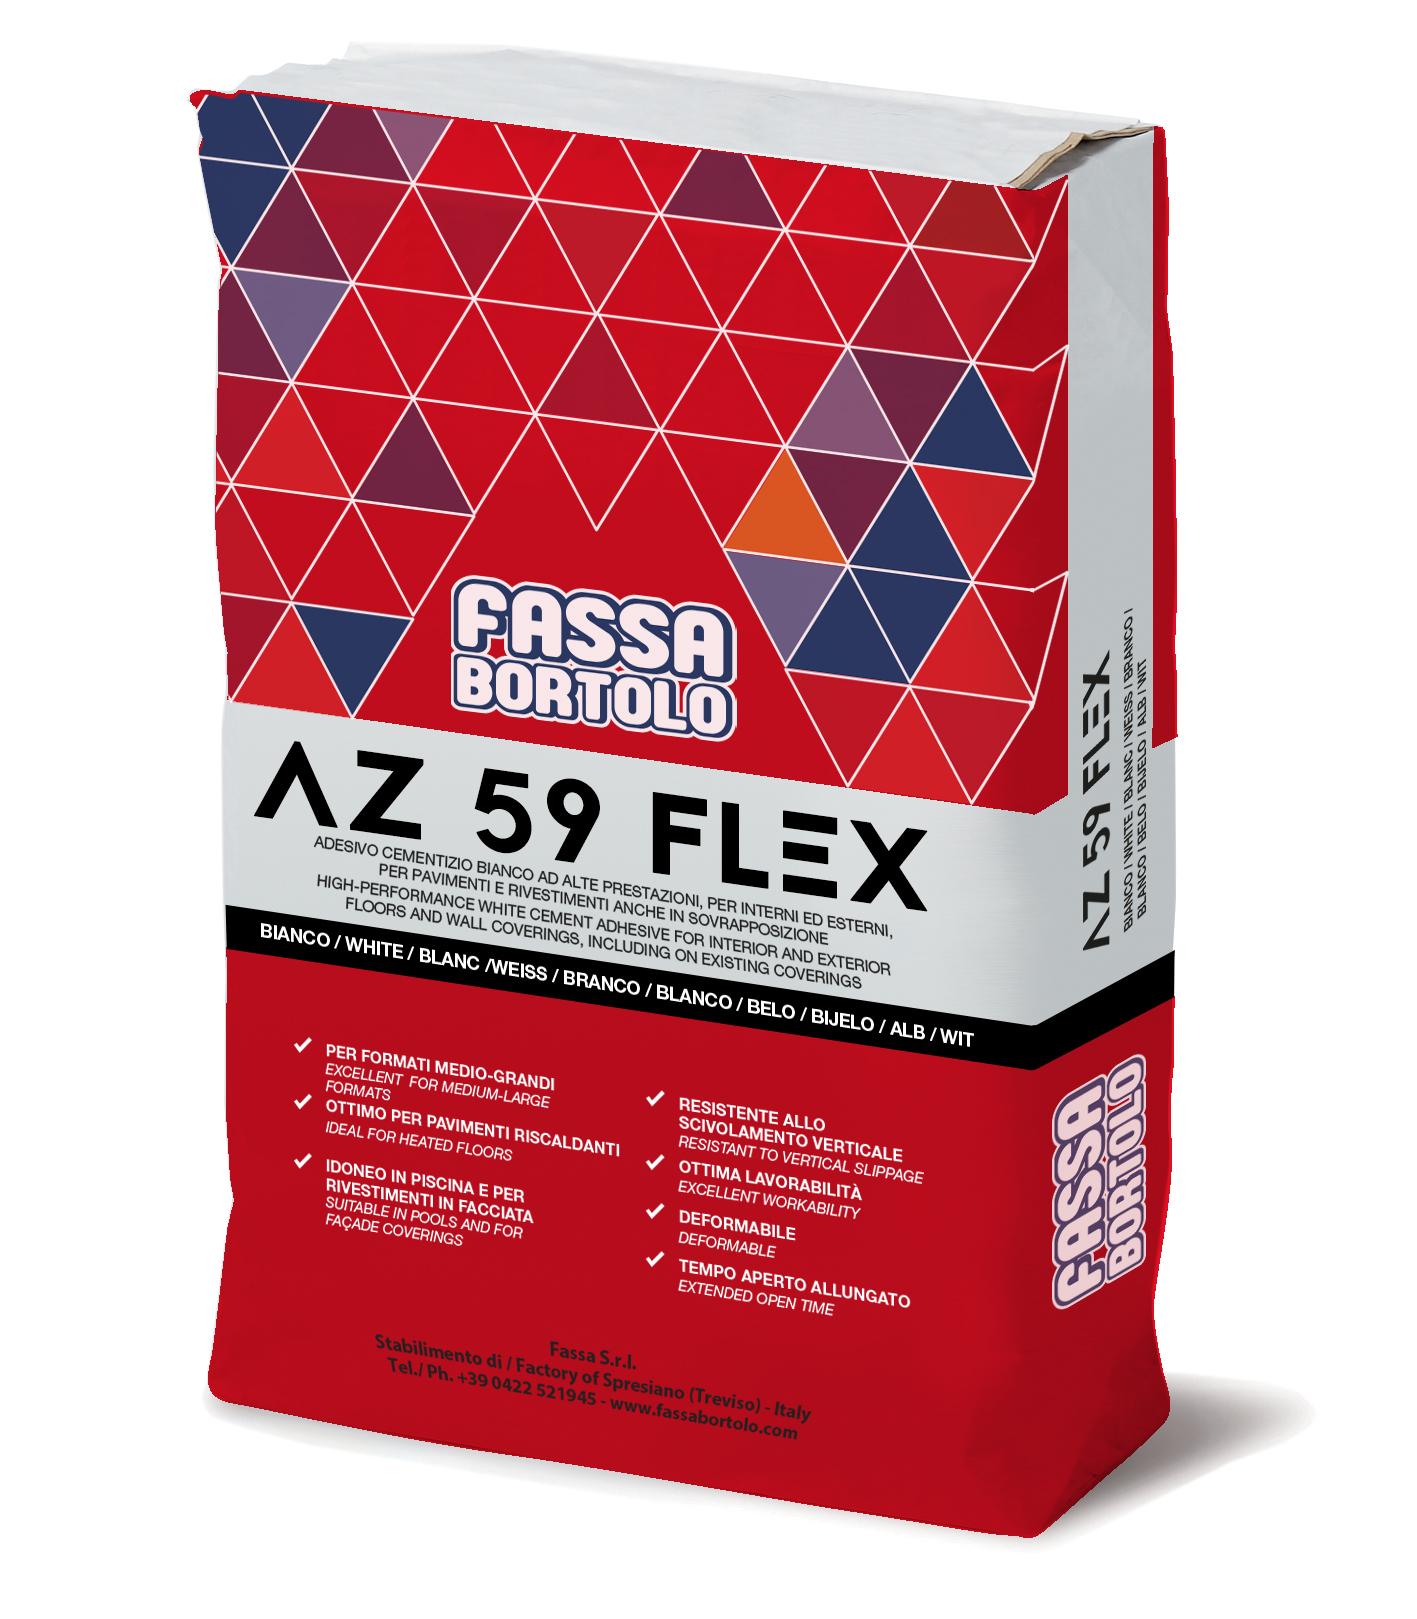 AZ 59 FLEX